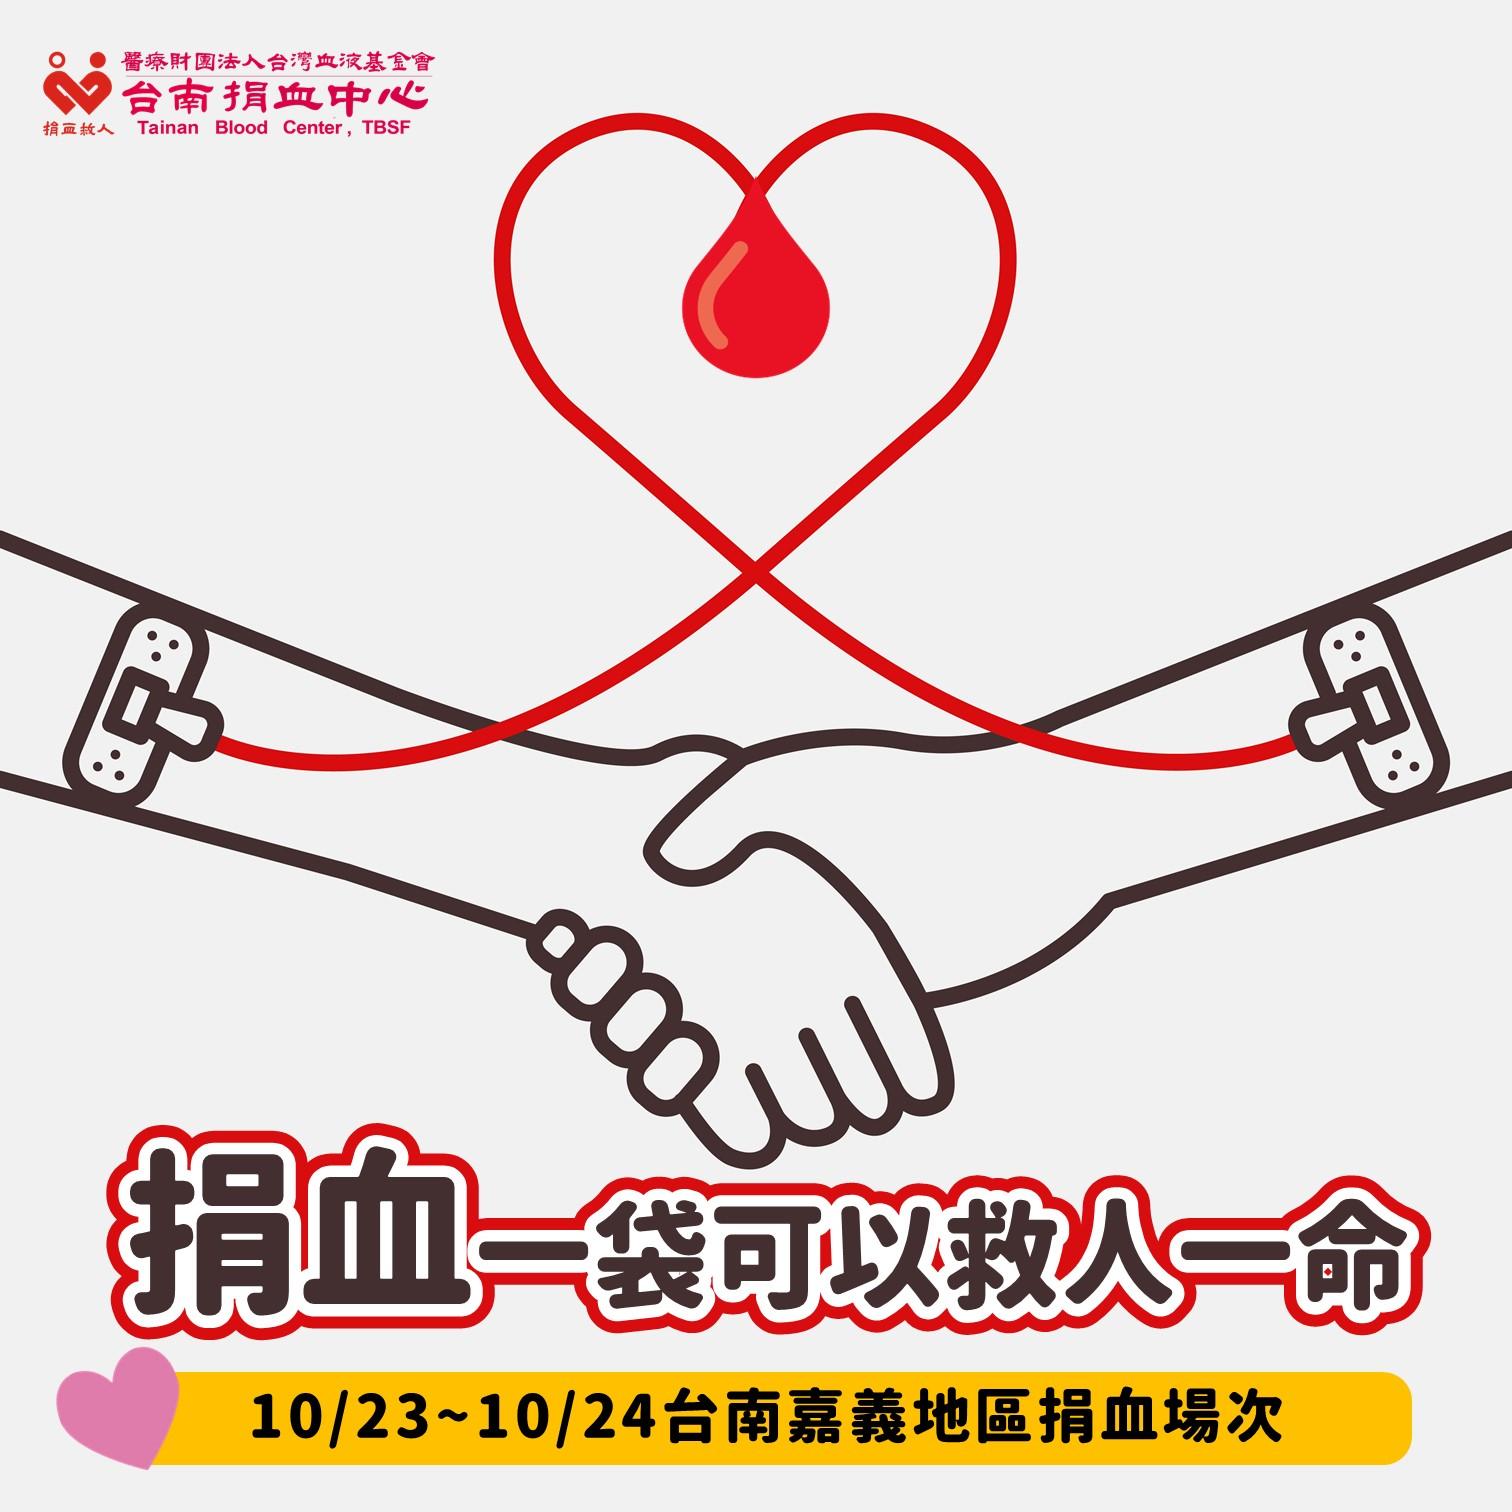 【捐血活動】10/23~10/24台南嘉義地區捐血活動場次